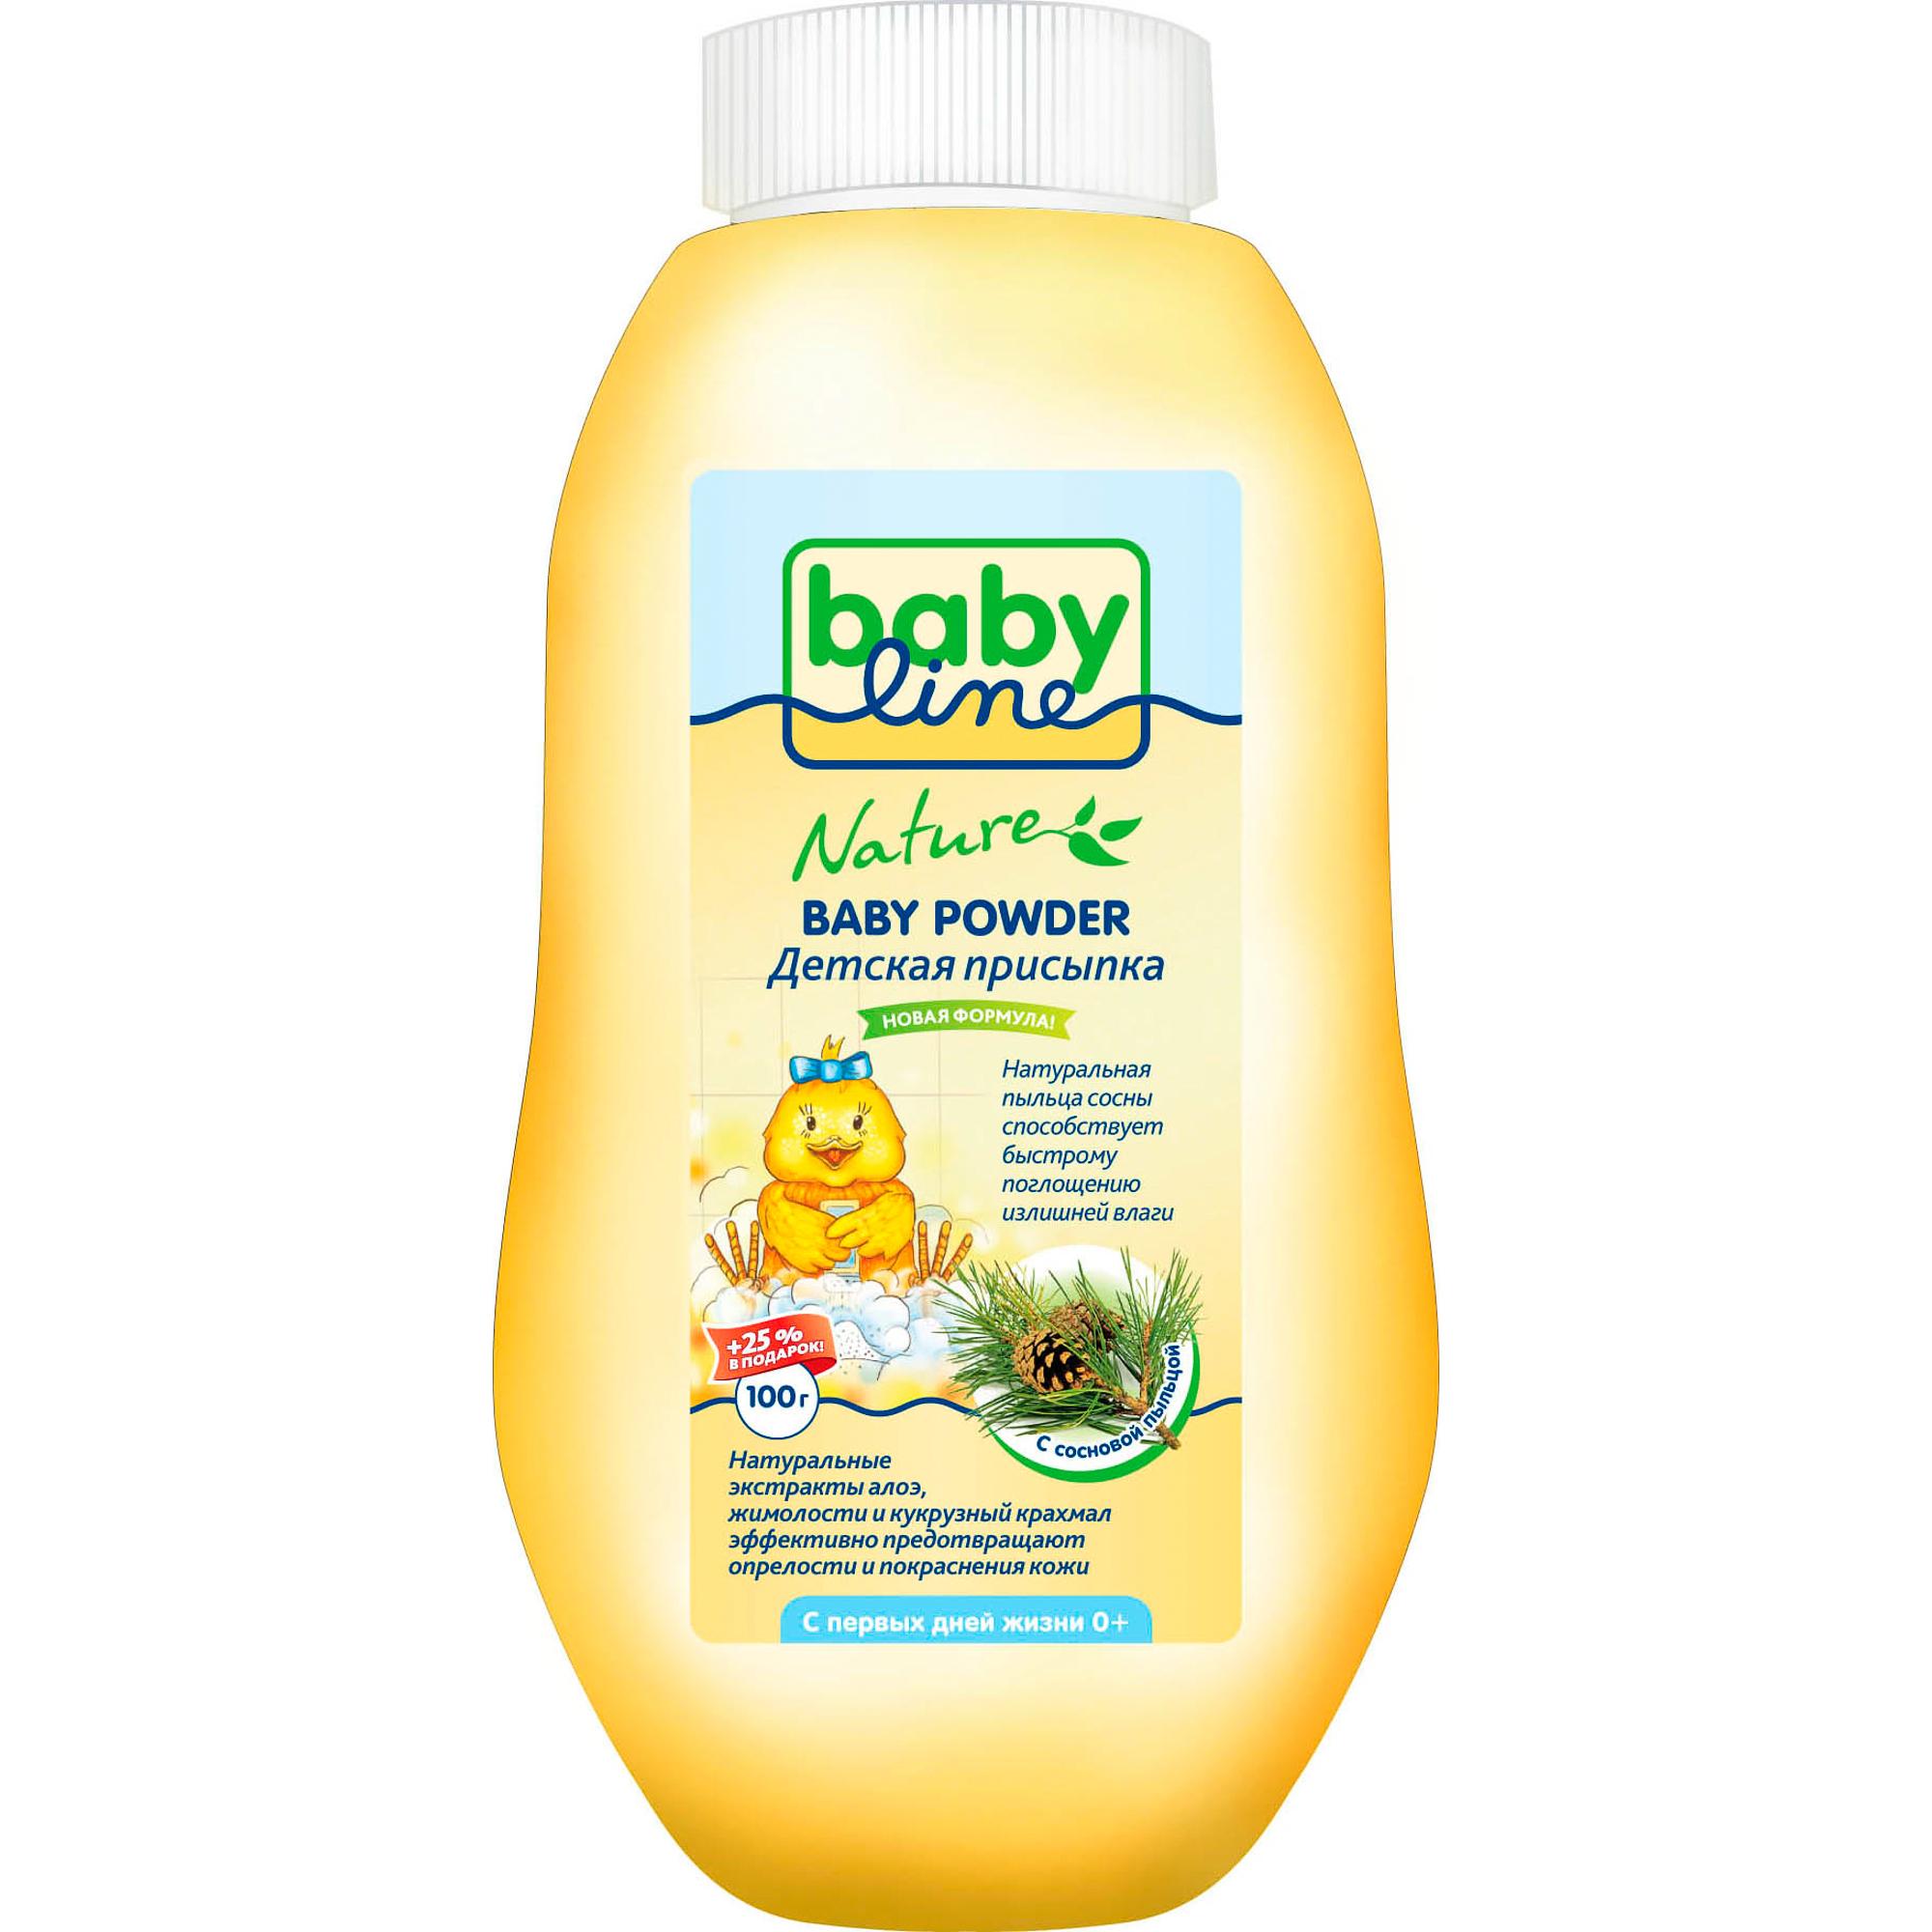 Присыпка детская Babyline С сосновой пыльцой 125 г